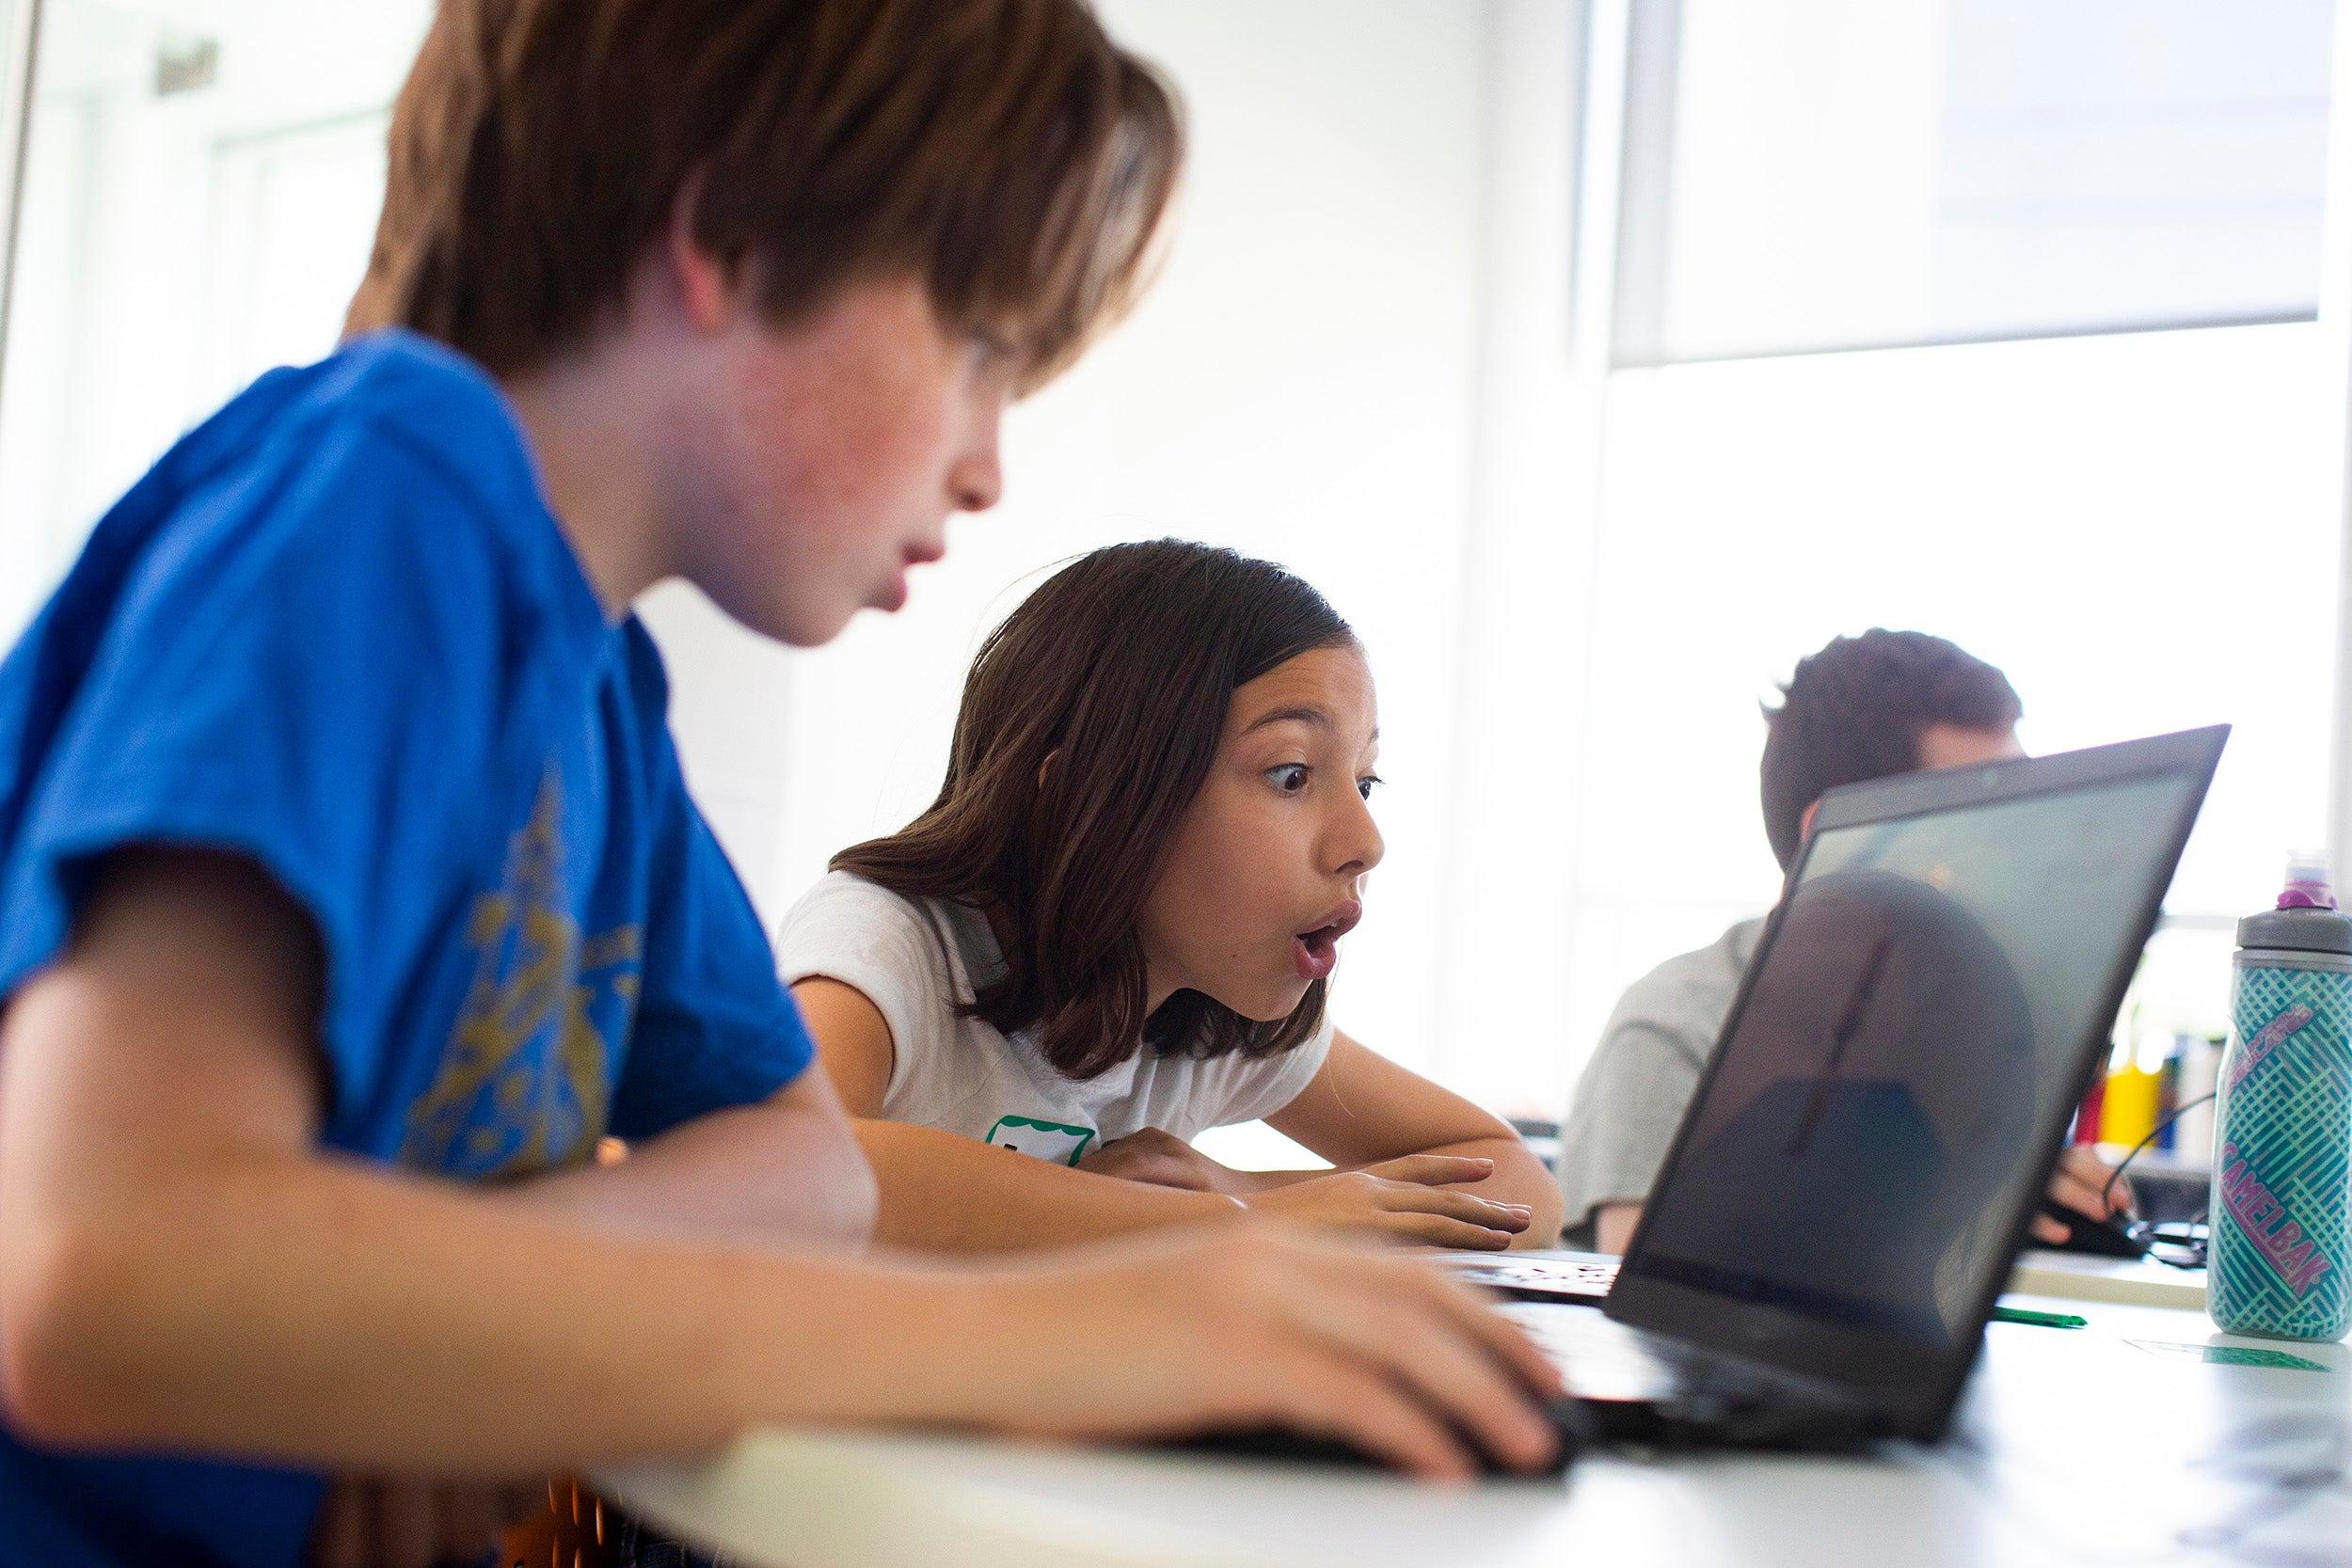 Oskar Monahan and Eva Lynch look at a computer.